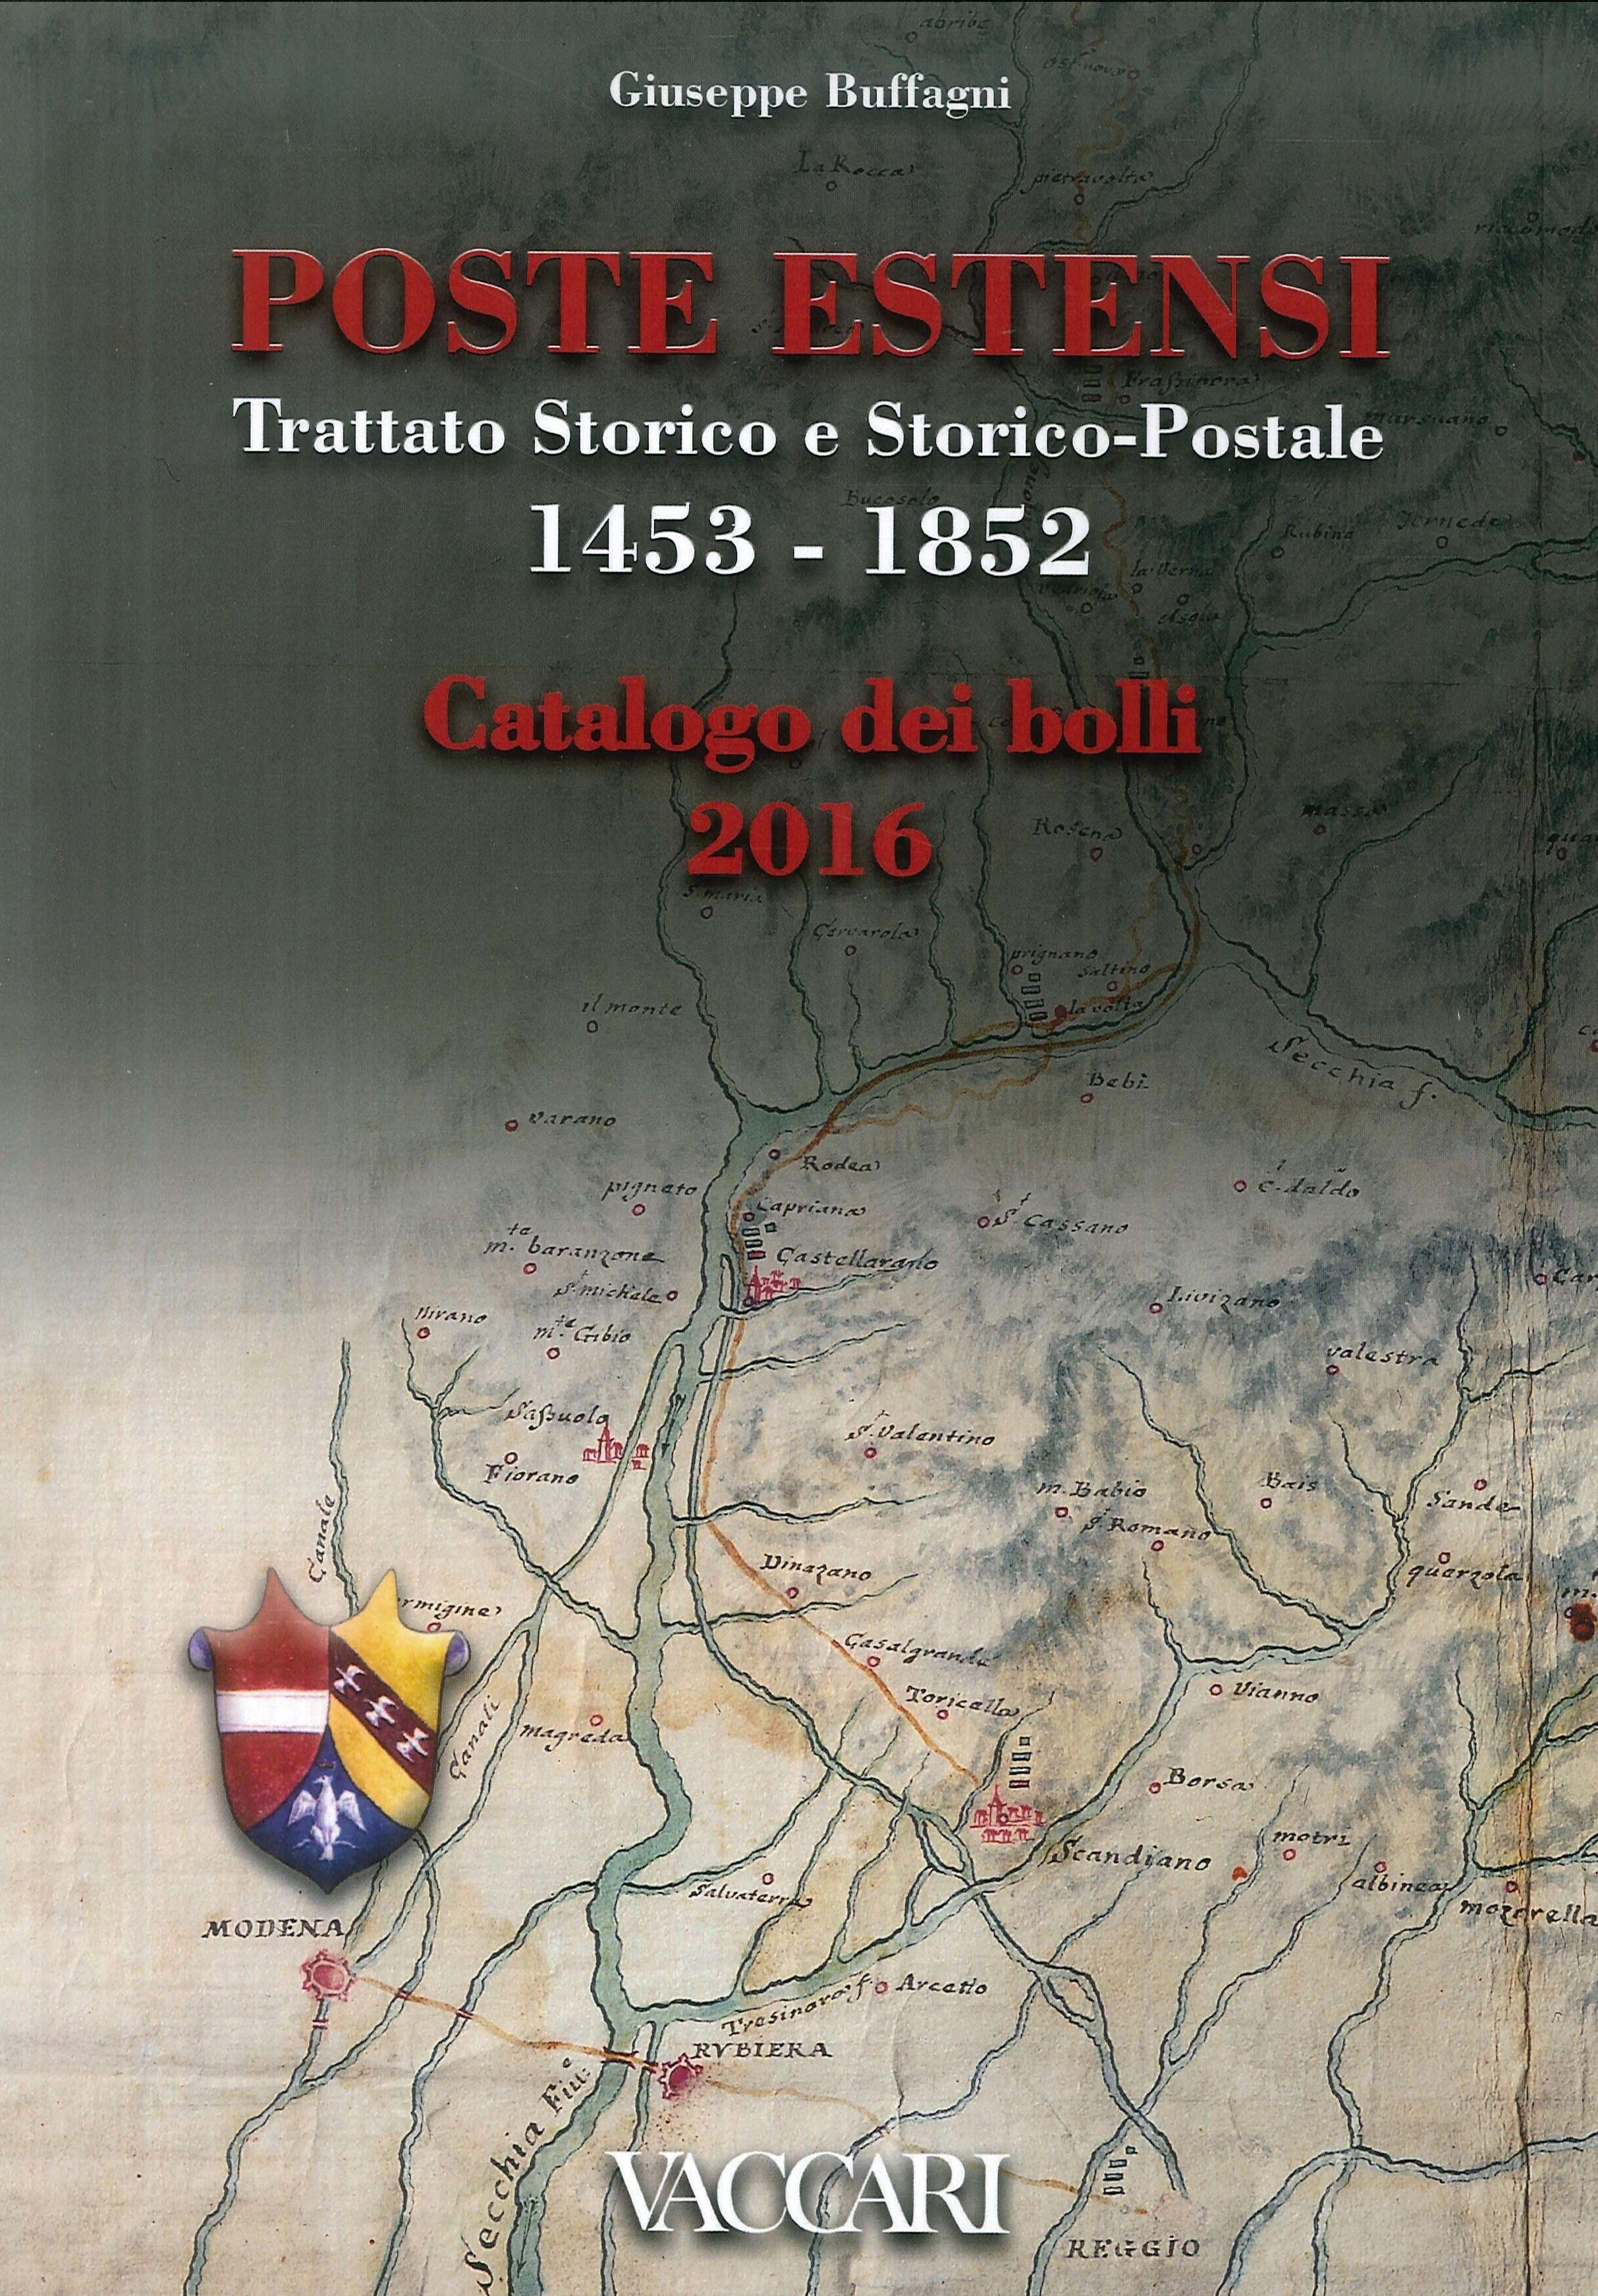 Poste Estensi. Trattato storico e storico-postale 1453-1852. Catalogo dei bolli 2016